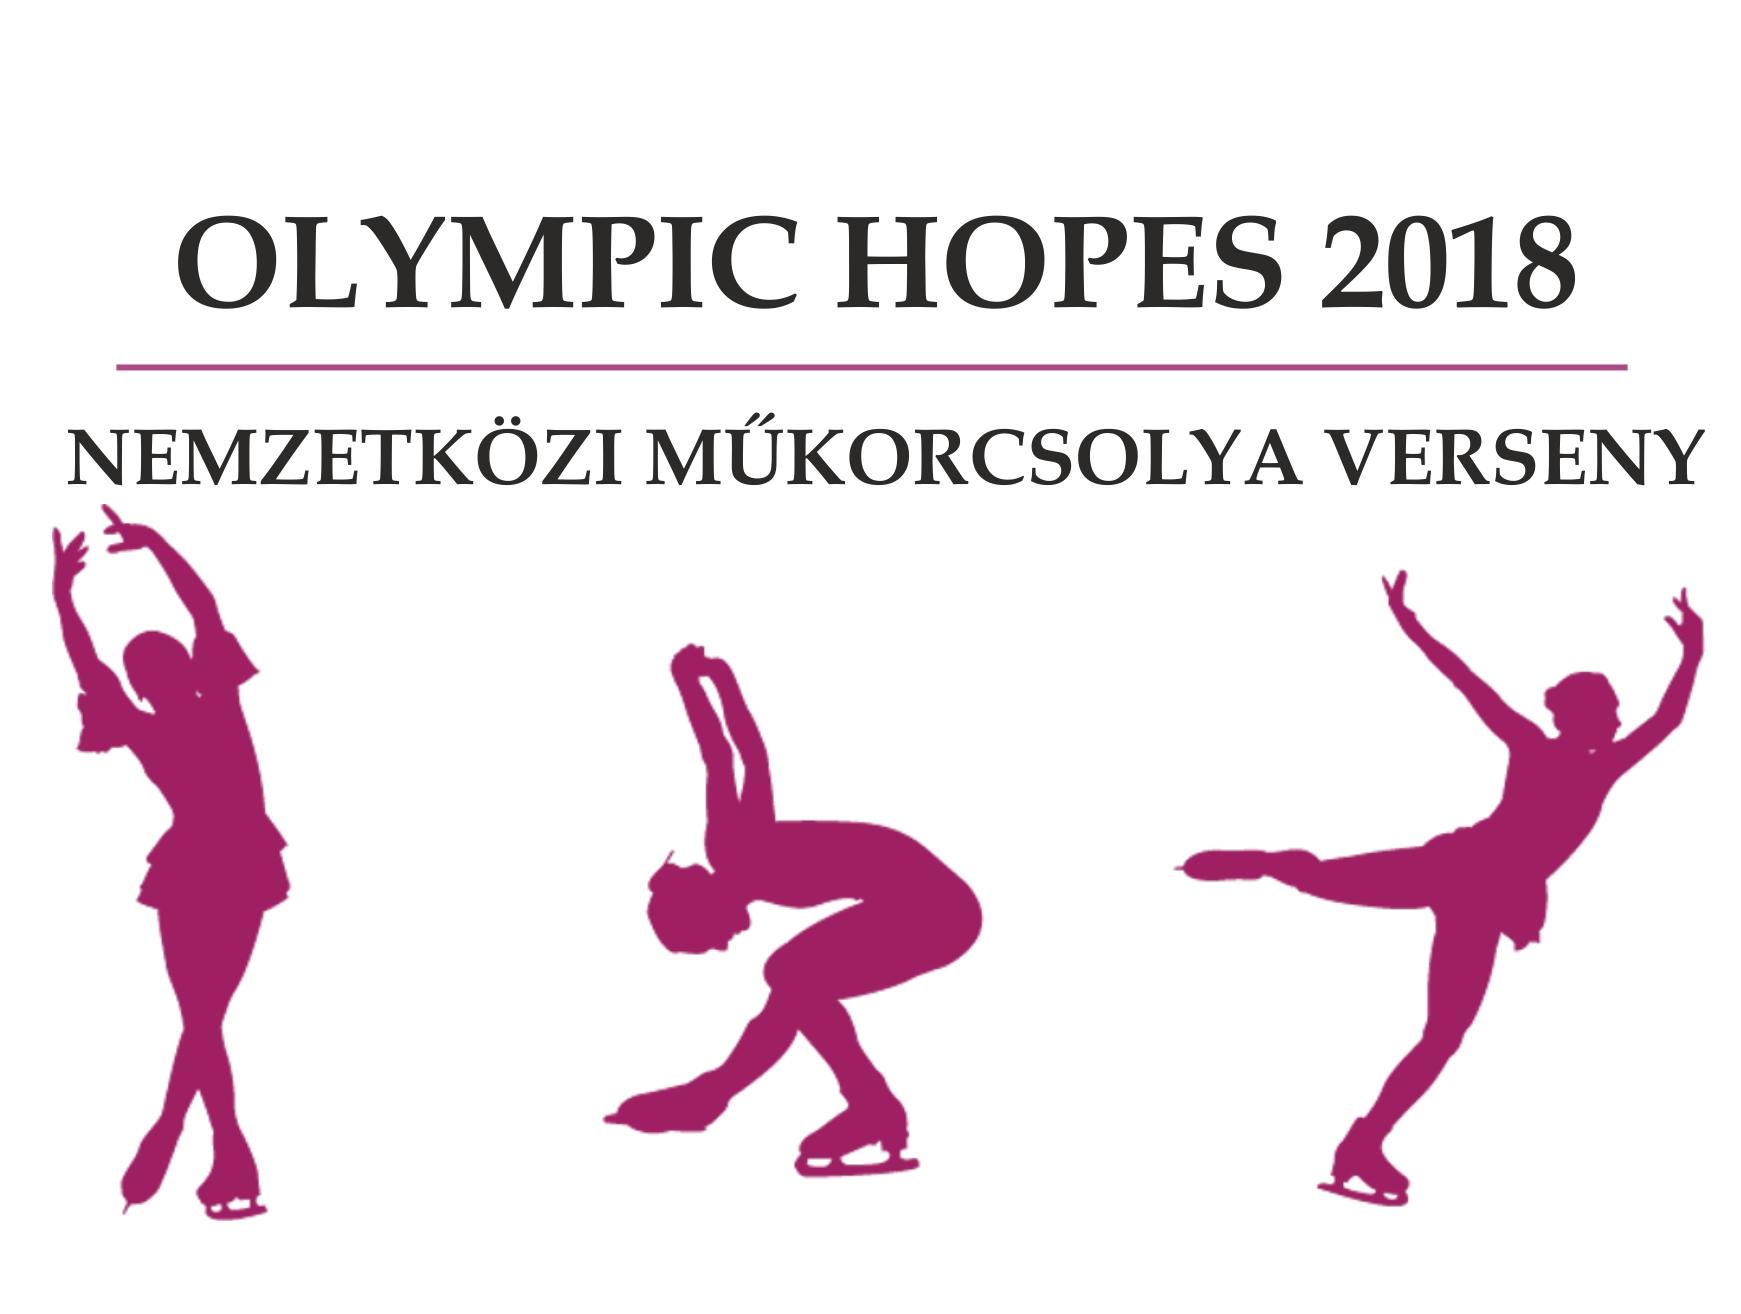 Olympic Hopes nemzetközi műkorcsolya bajnokság